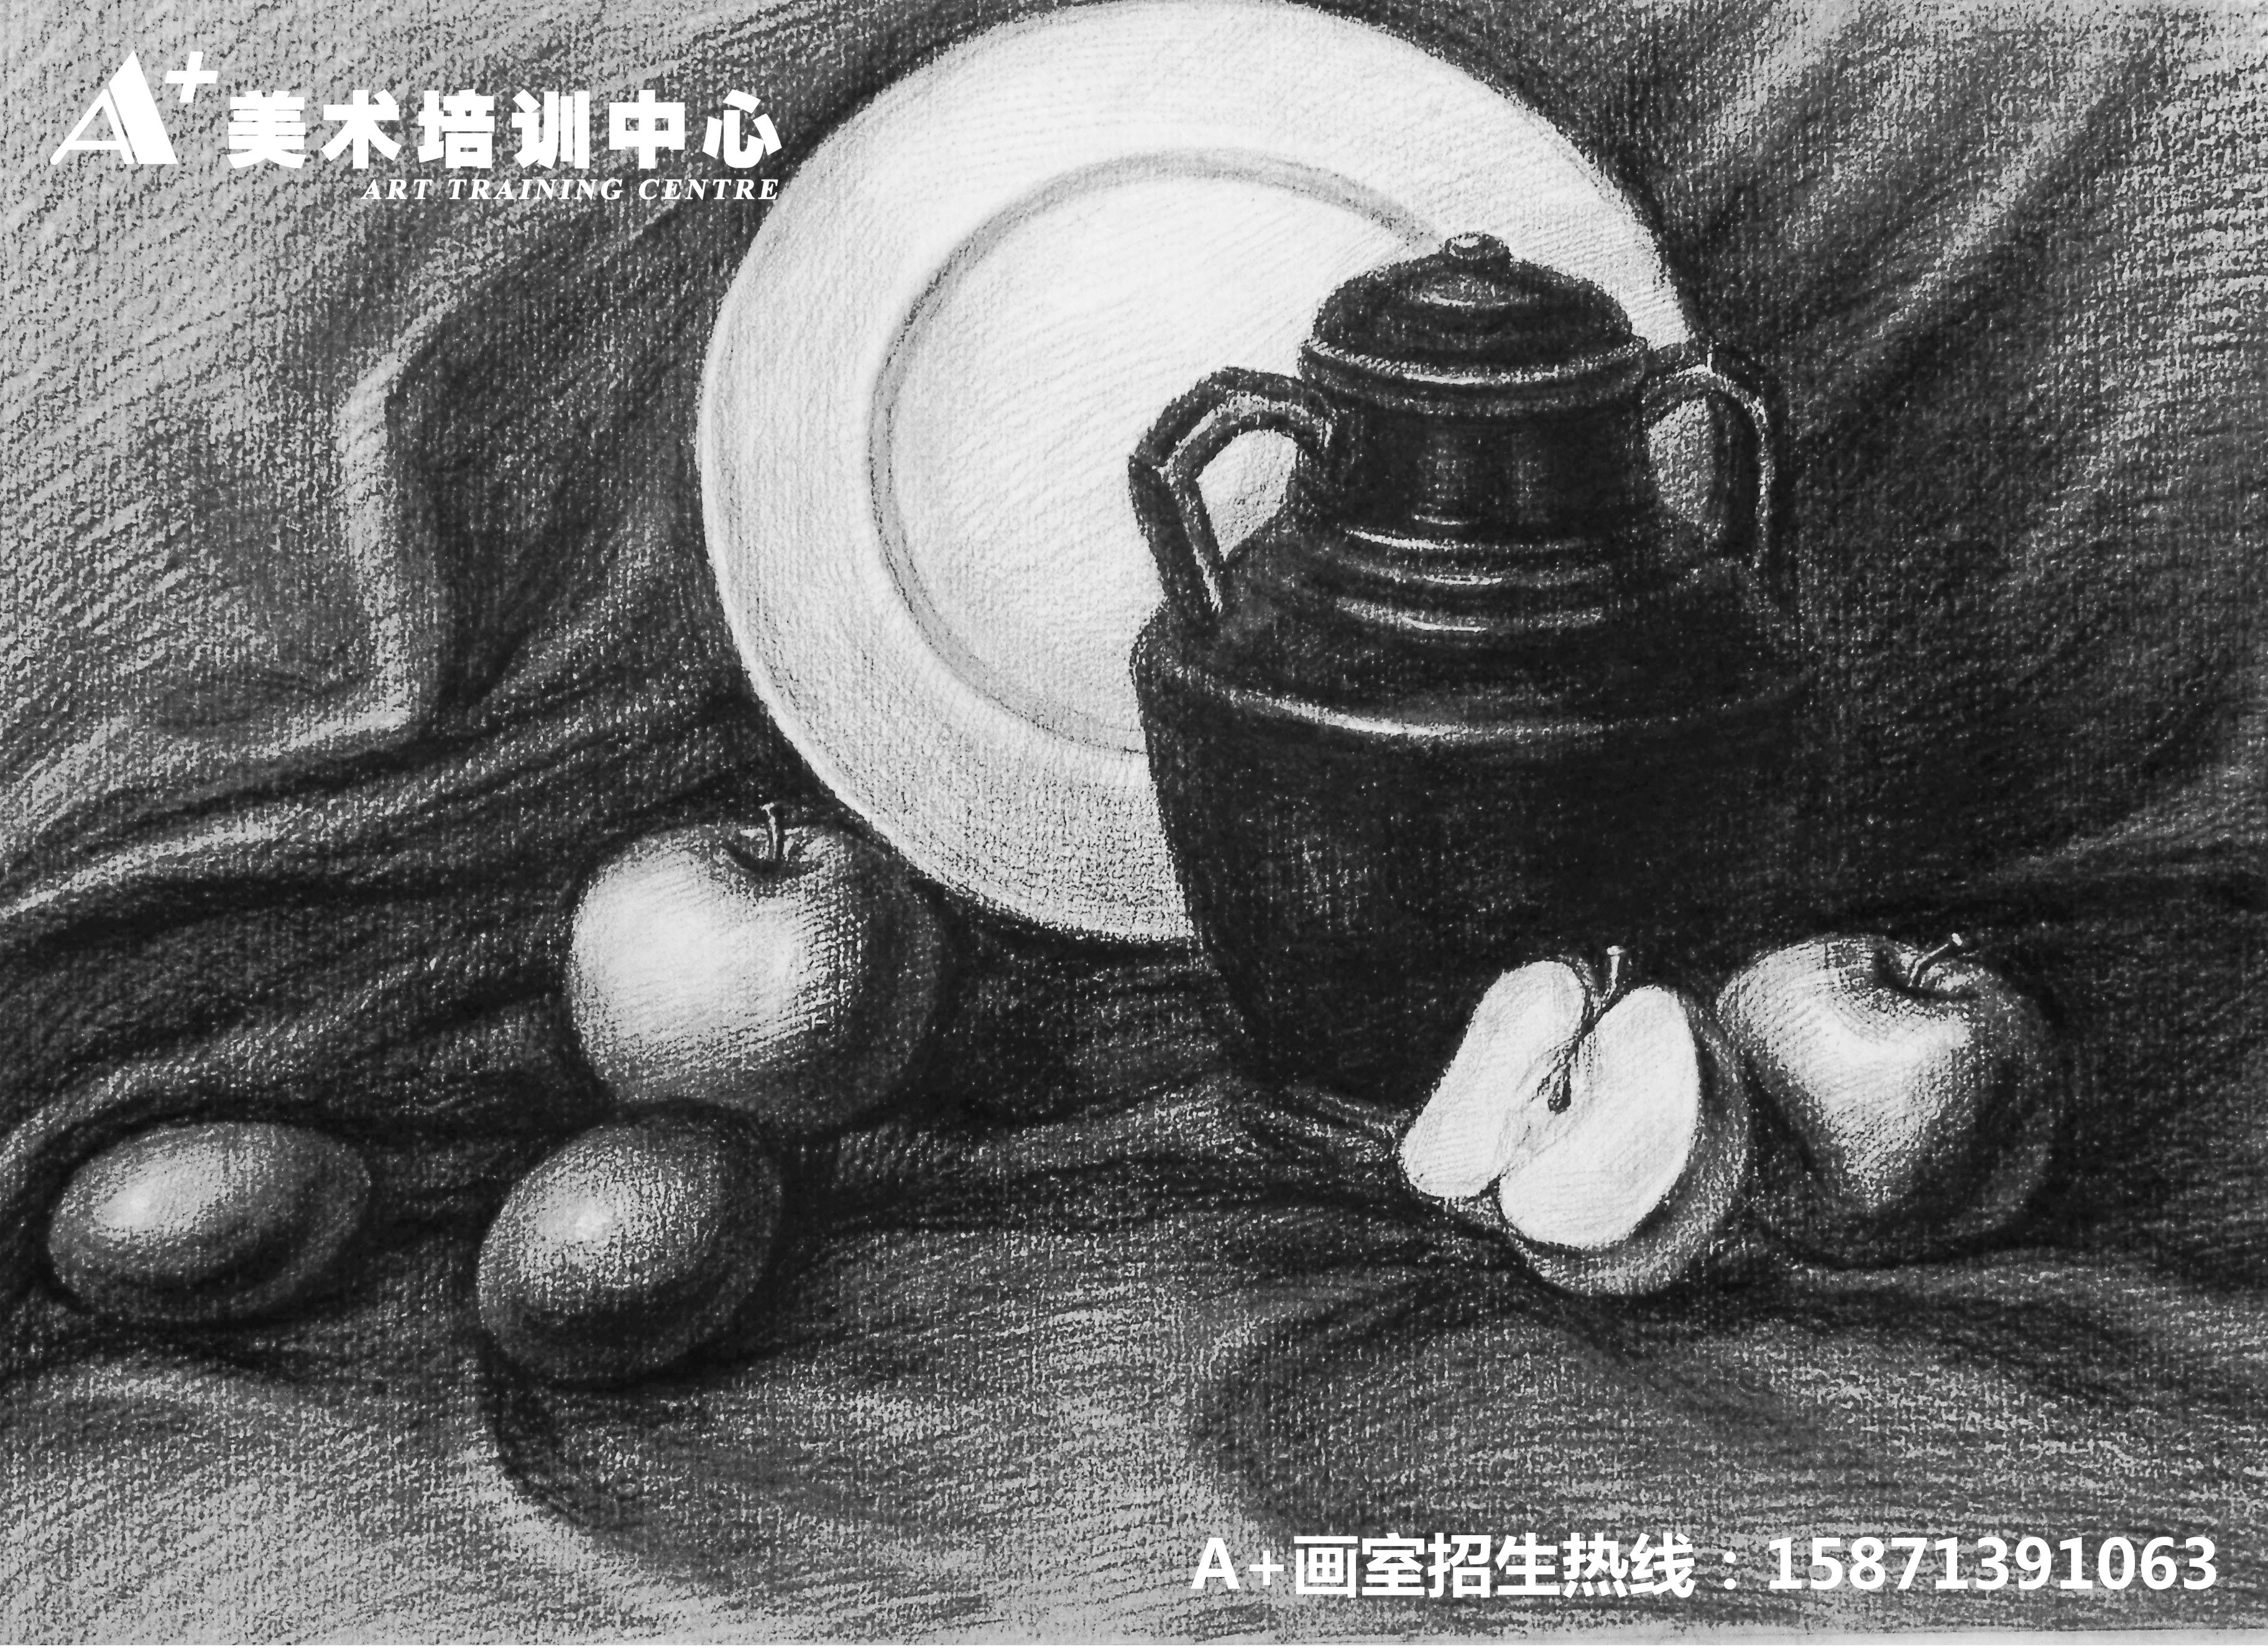 2012年湖北美术联考考题   色彩:题目是户外水果篮 形式:模拟写生图片